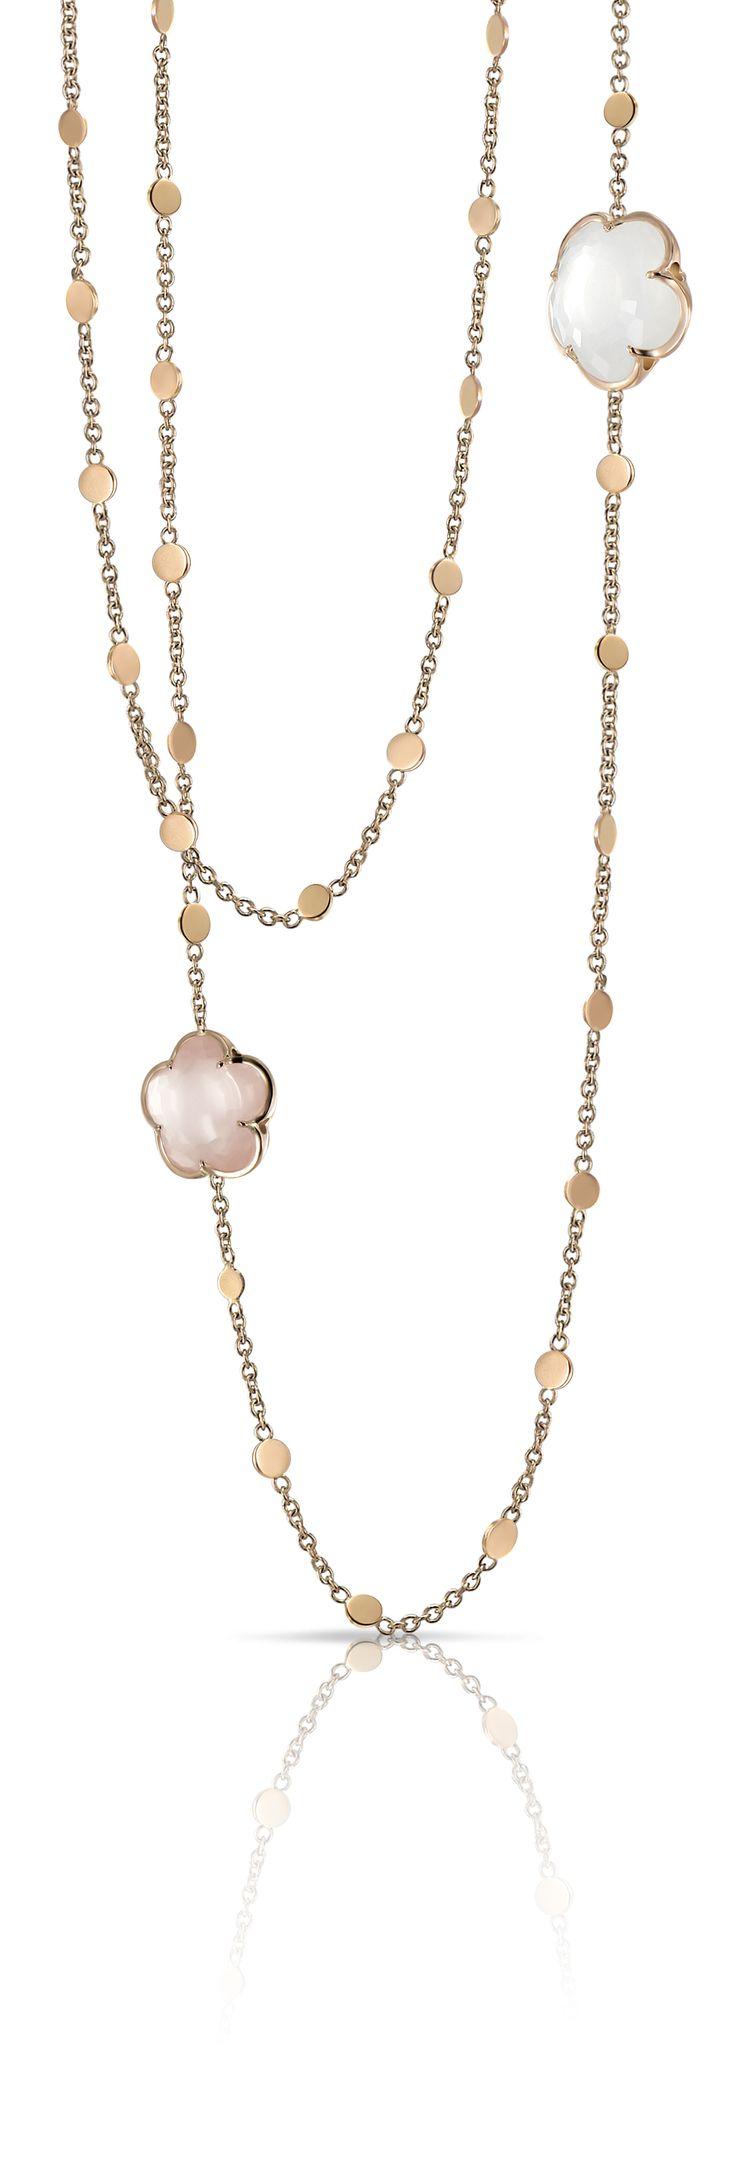 Bon ton necklace Milky and pink quartz